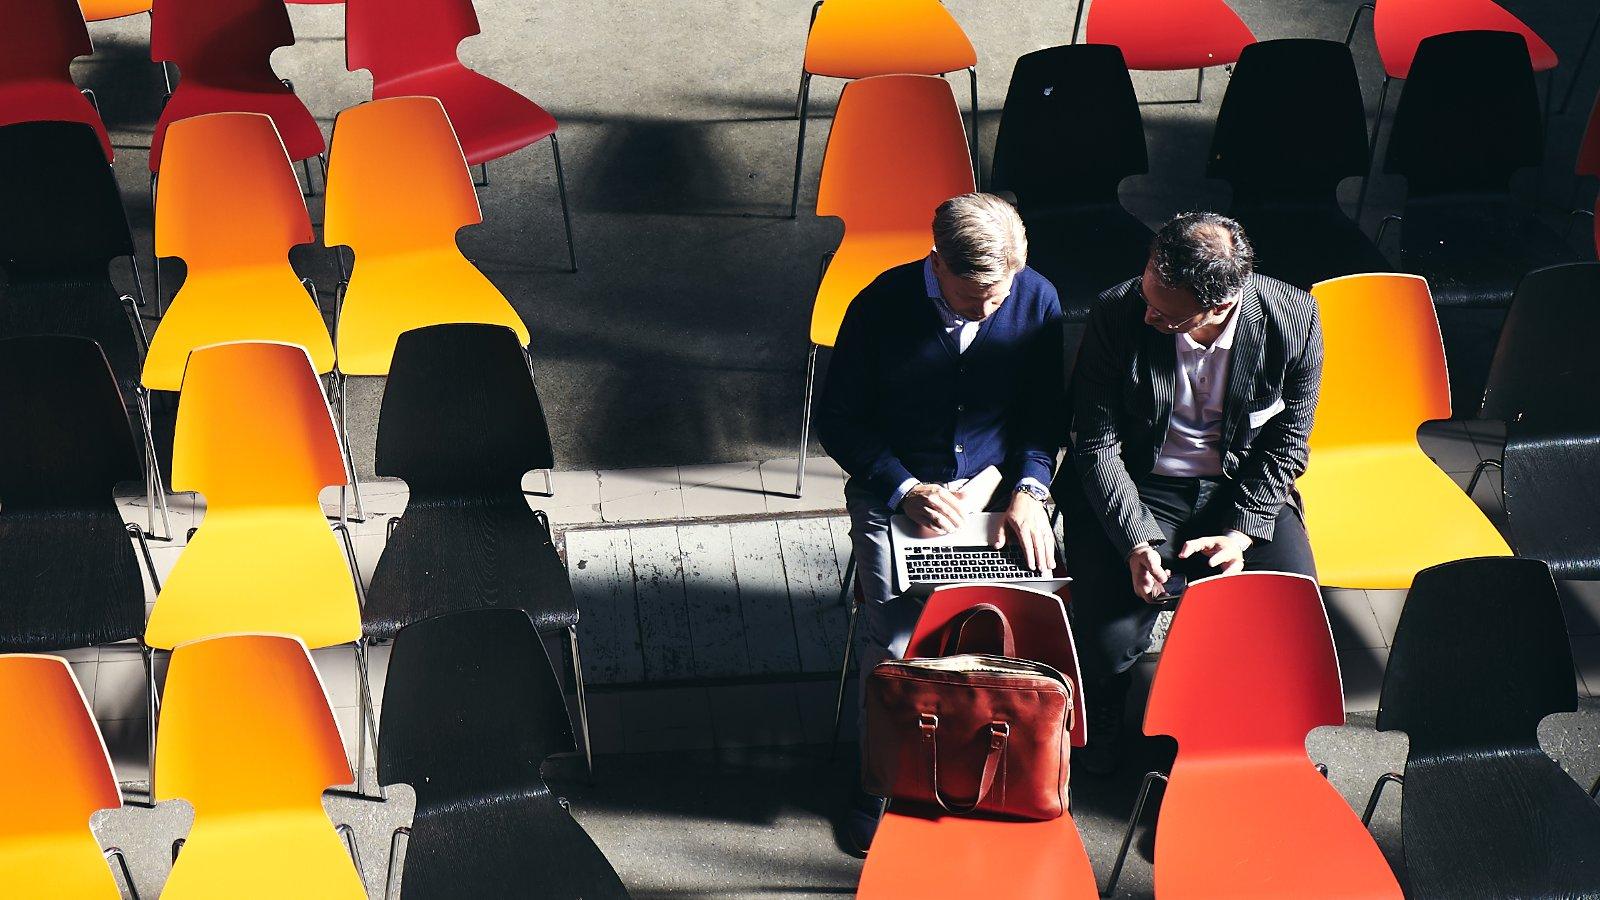 Das Schweizer Innovationsförderprogramm Kickstart sucht vielversprechende Startups